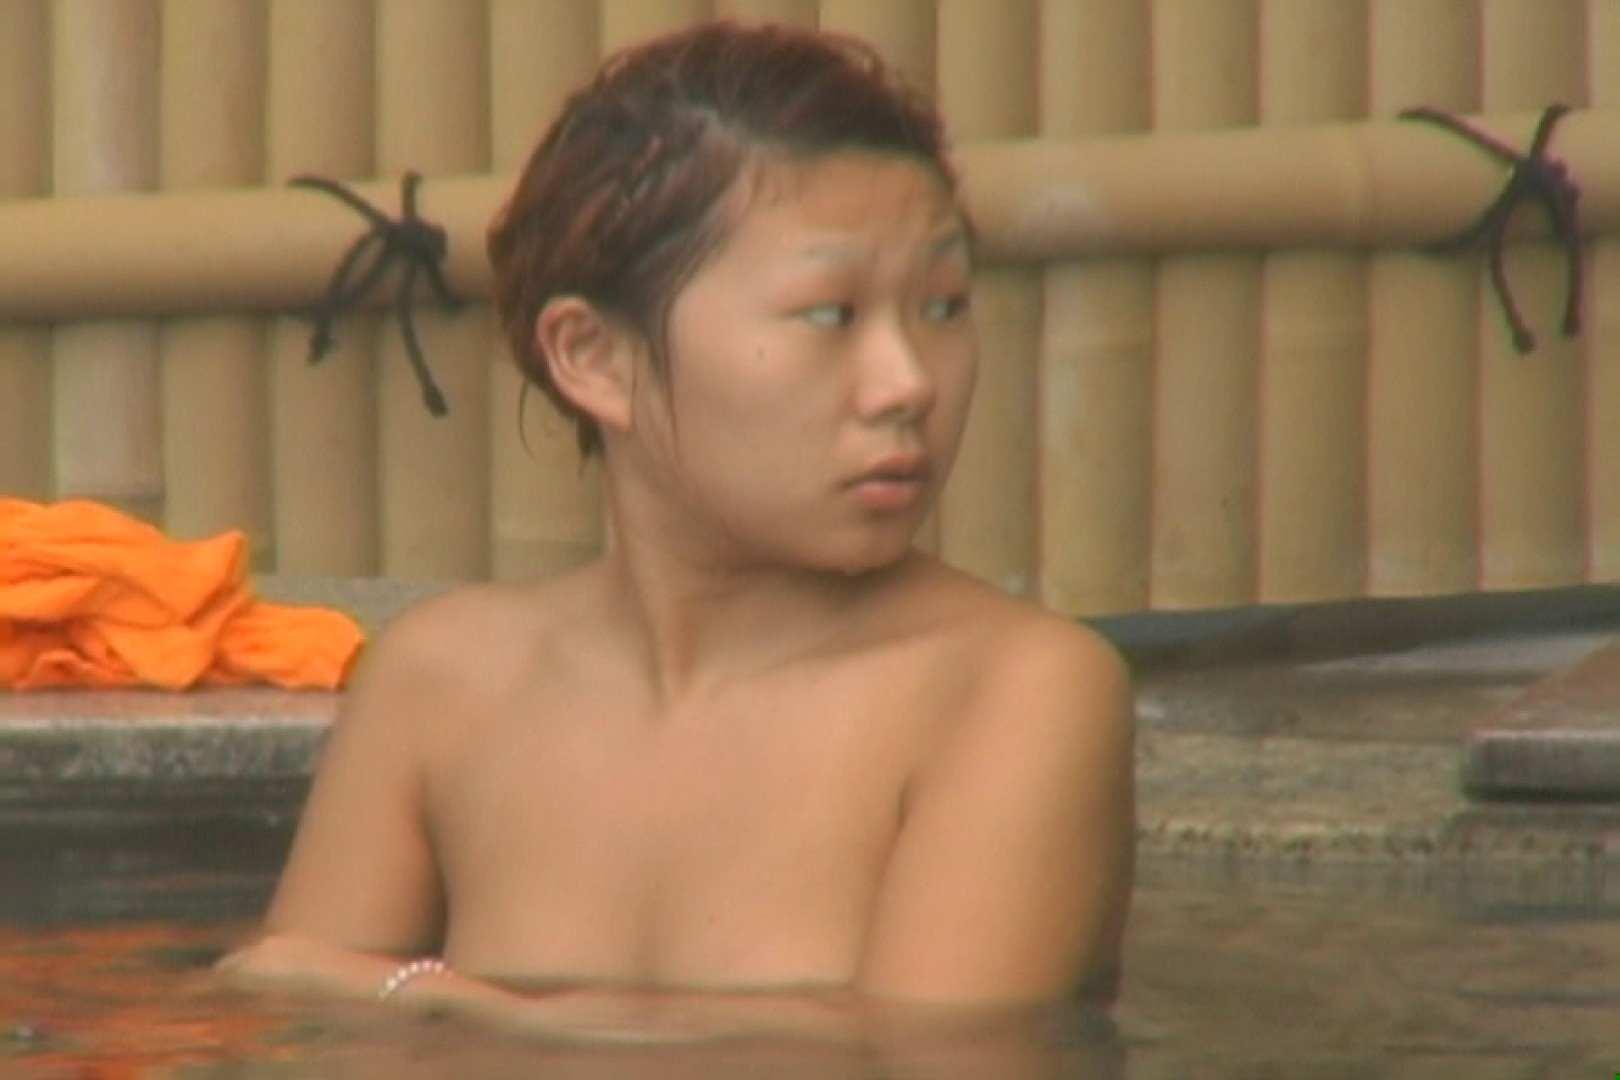 Aquaな露天風呂Vol.581 美しいOLの裸体  70pic 24